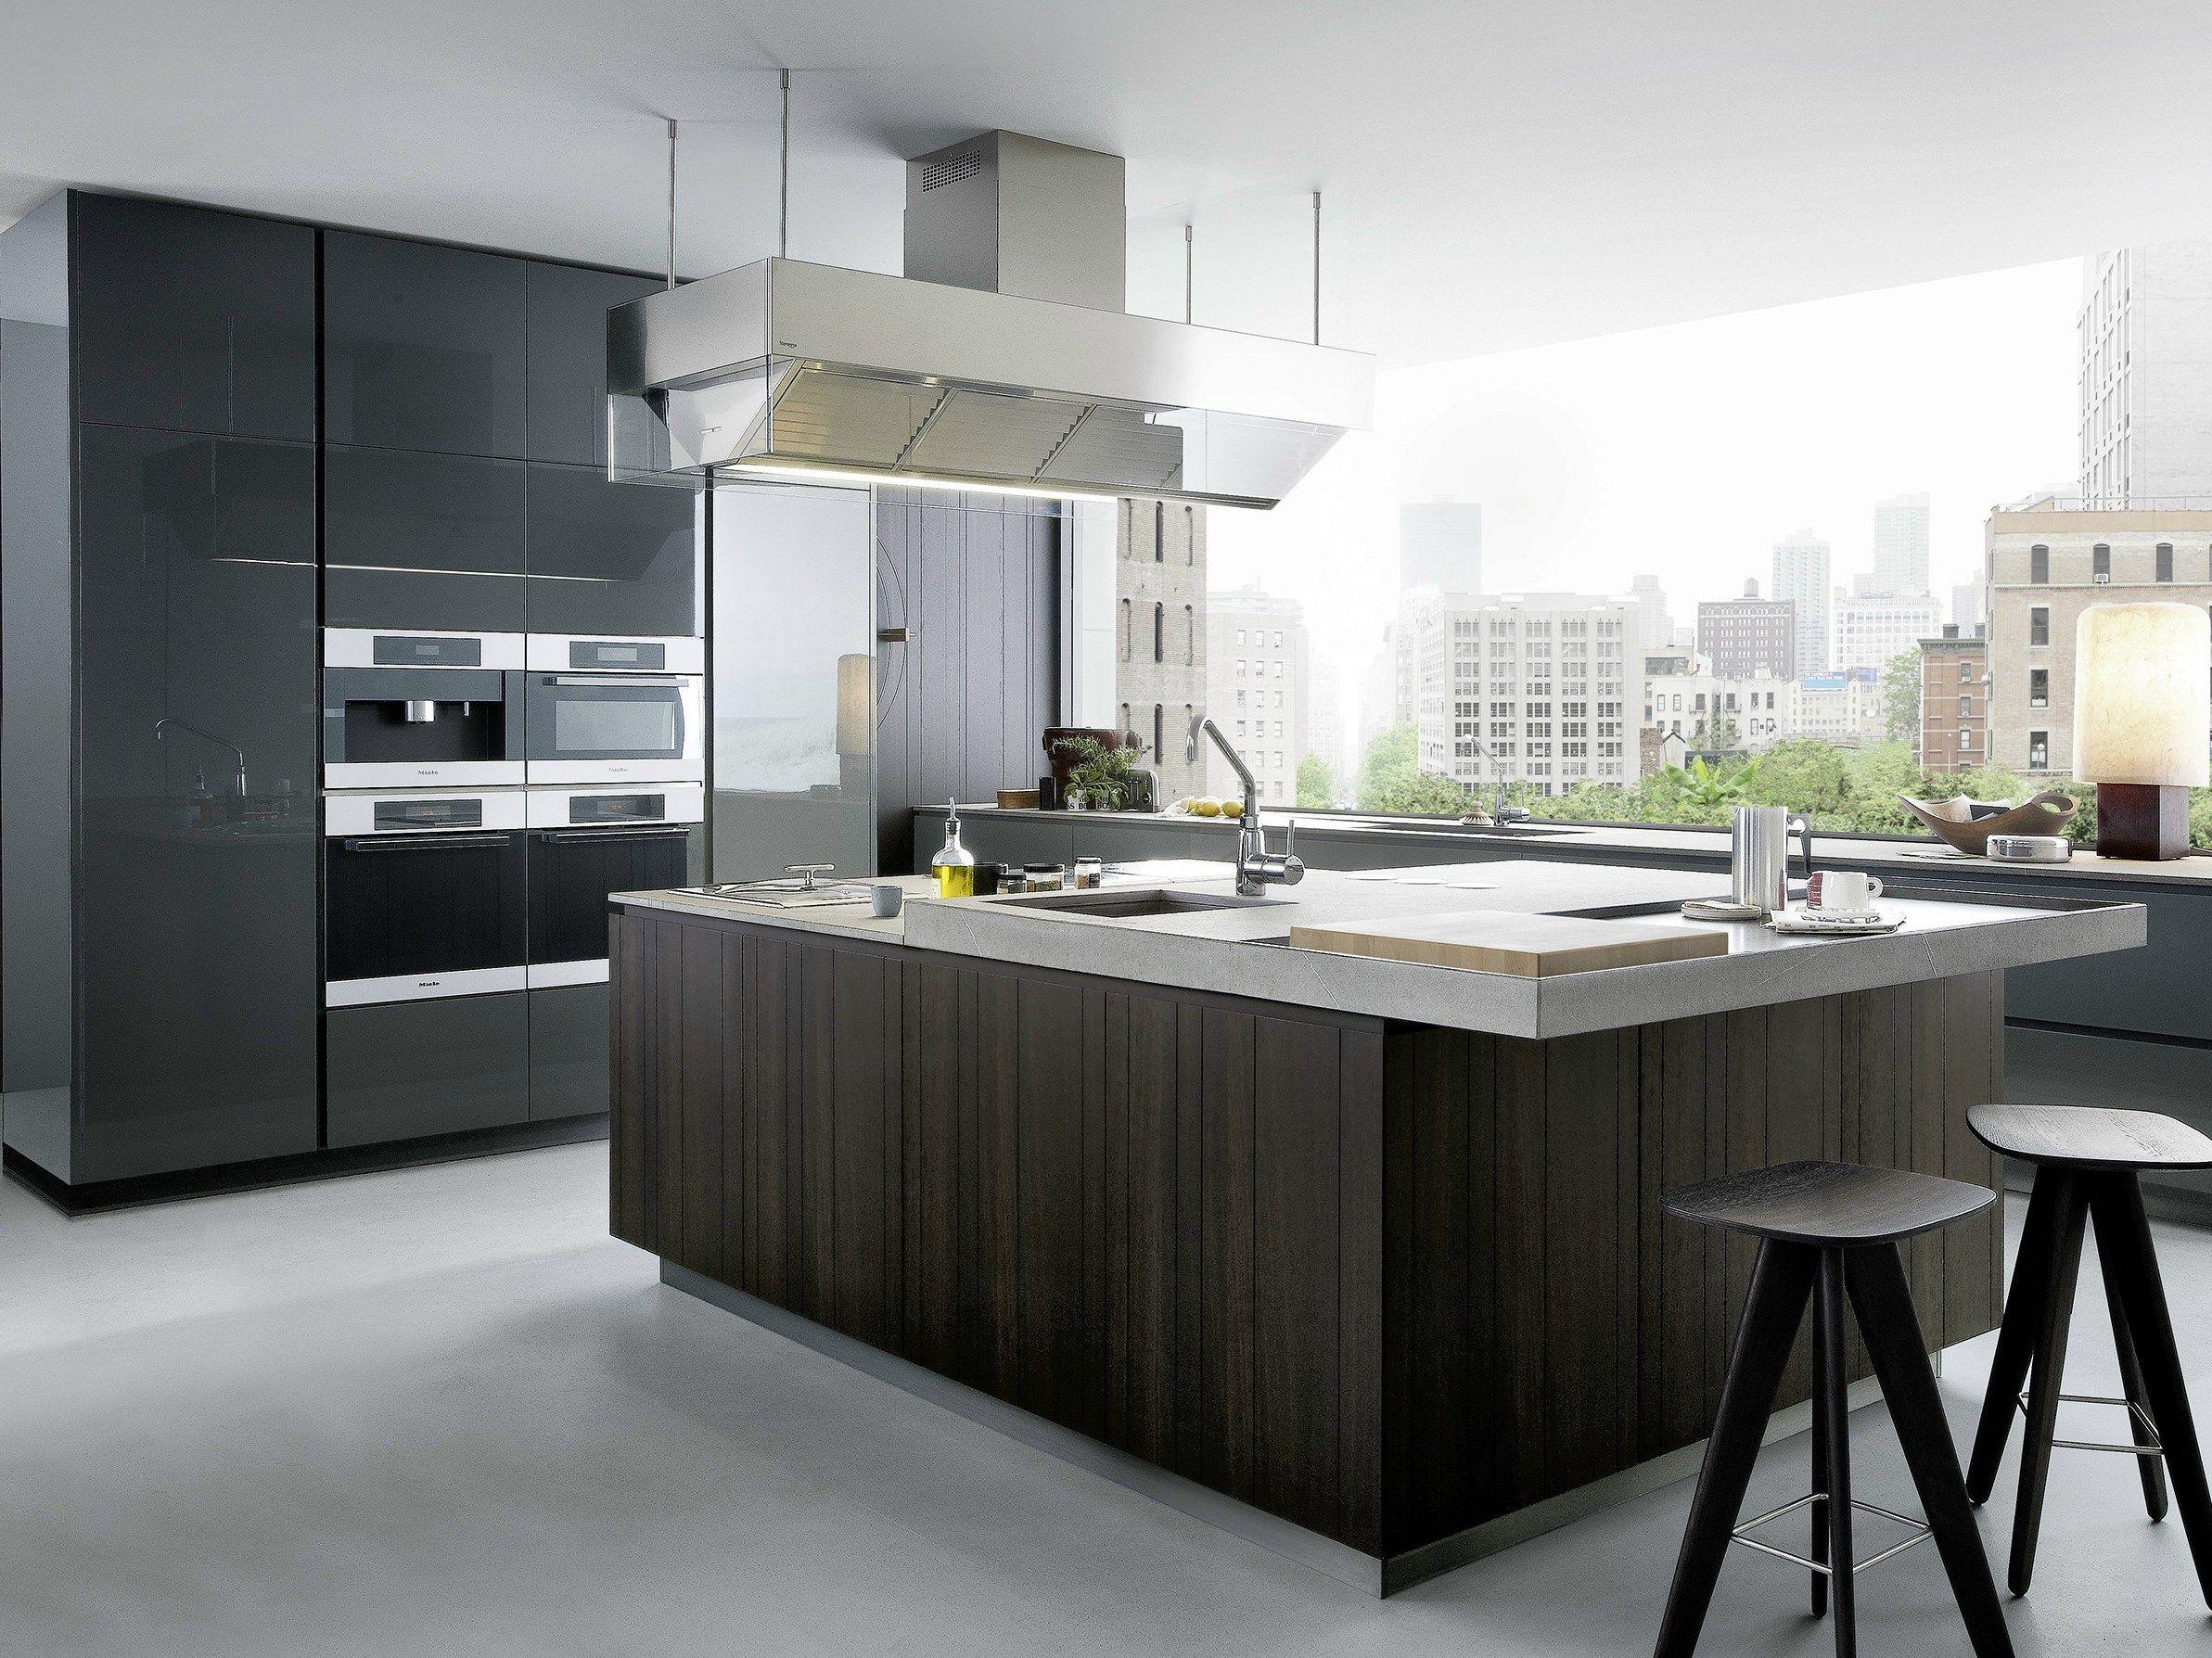 Lackierte Küche aus Holz mit Kücheninsel ARTEX by Varenna by ...